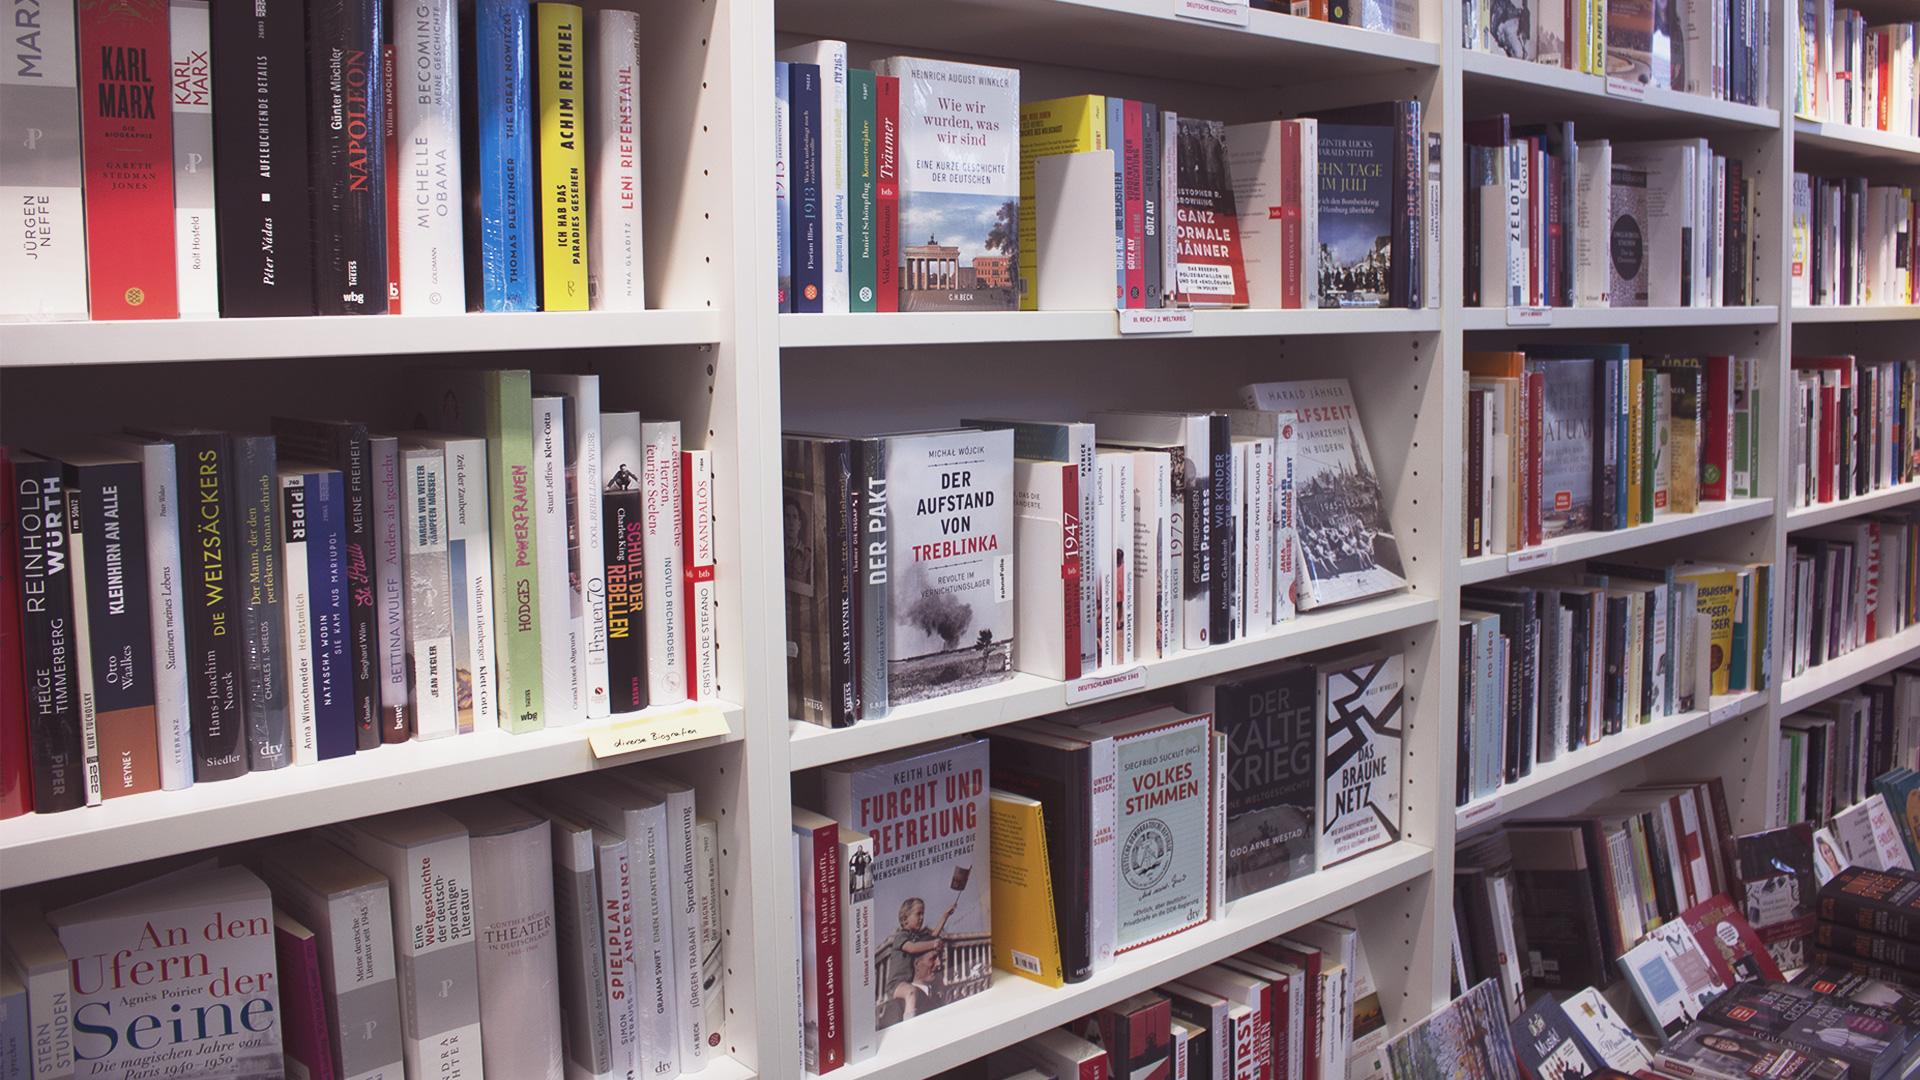 Bücherwand mit politischen Büchern